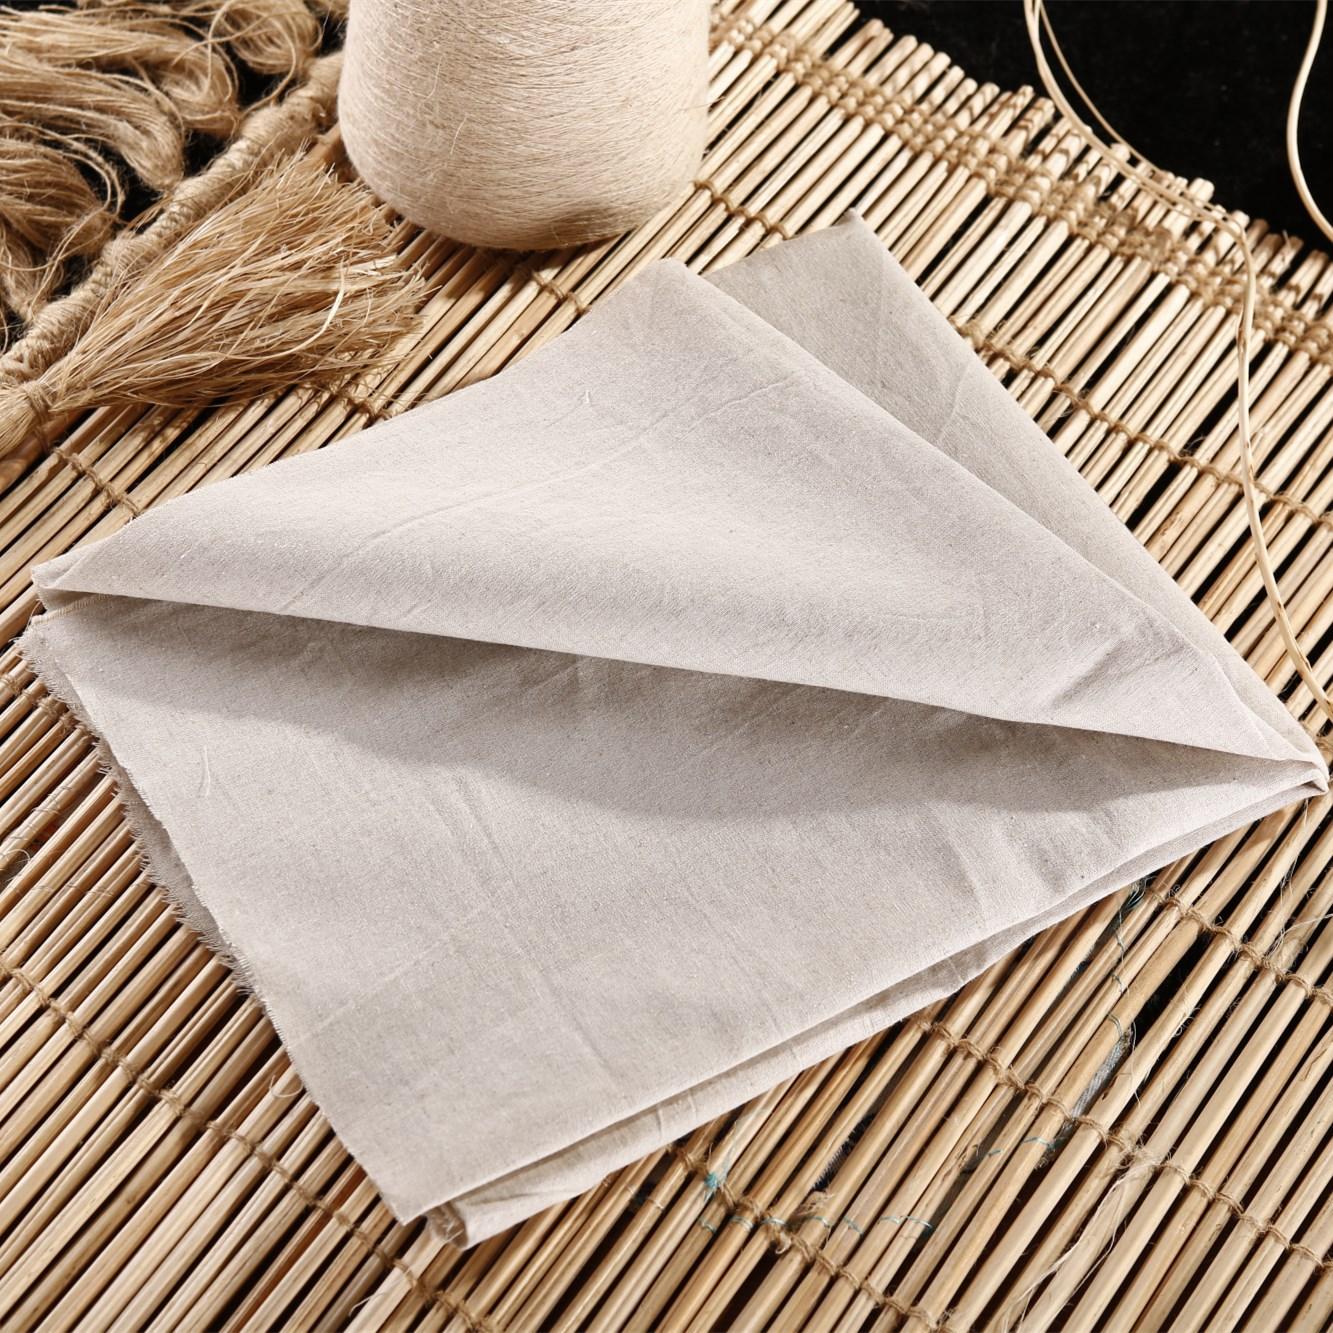 Các nhà sản xuất cung cấp vải lanh và bông pha trộn vải đặc biệt vải bông vải bông Được lựa chọn bôn